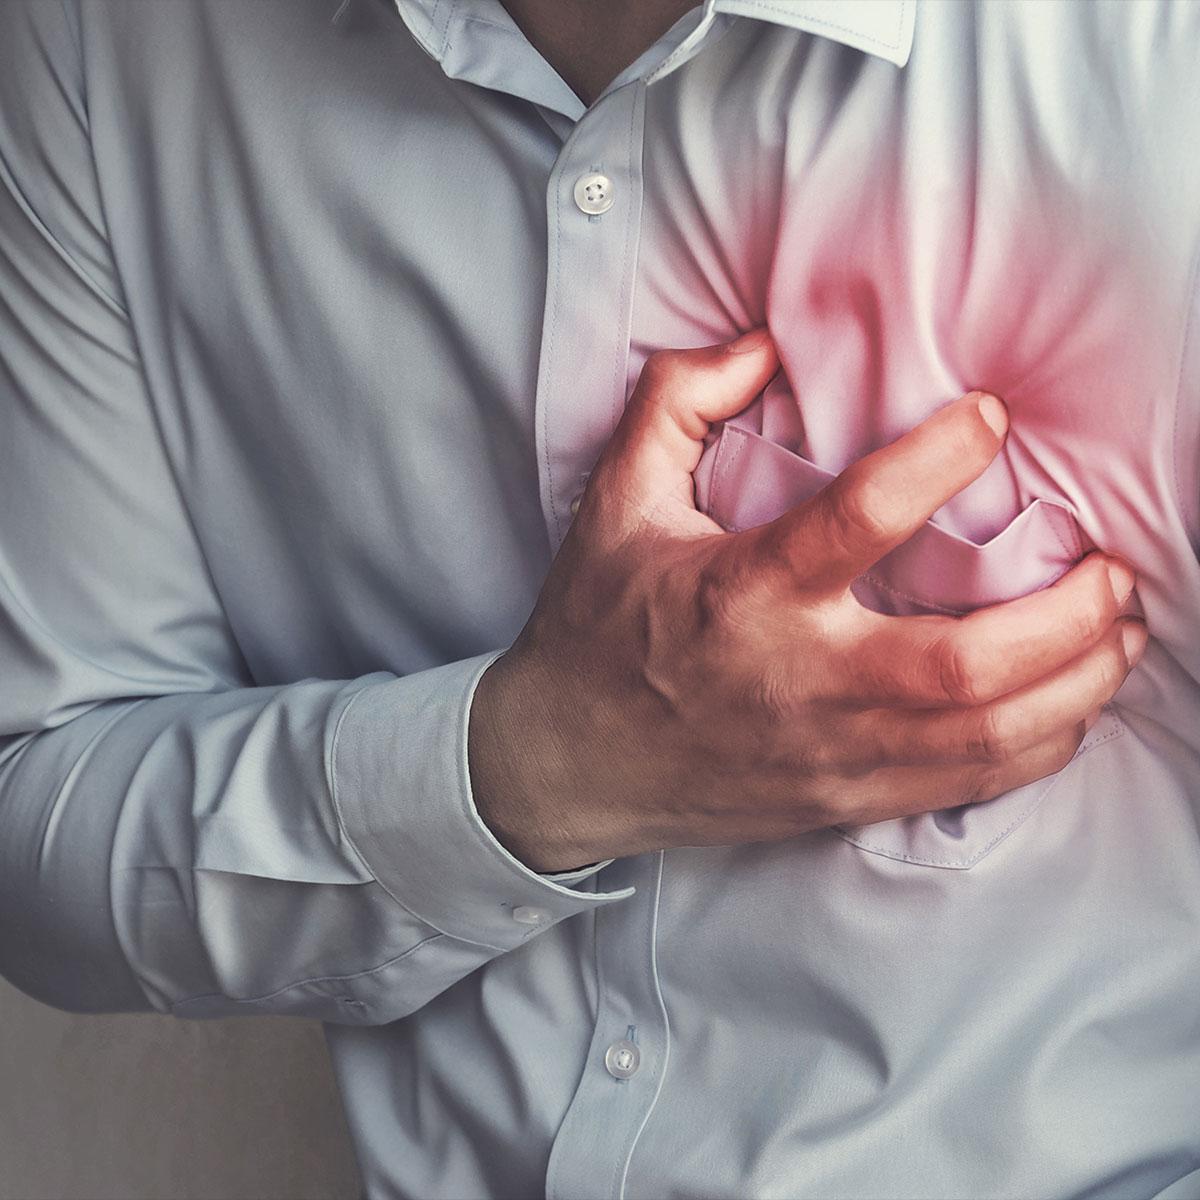 Cuida la salud de tu corazón